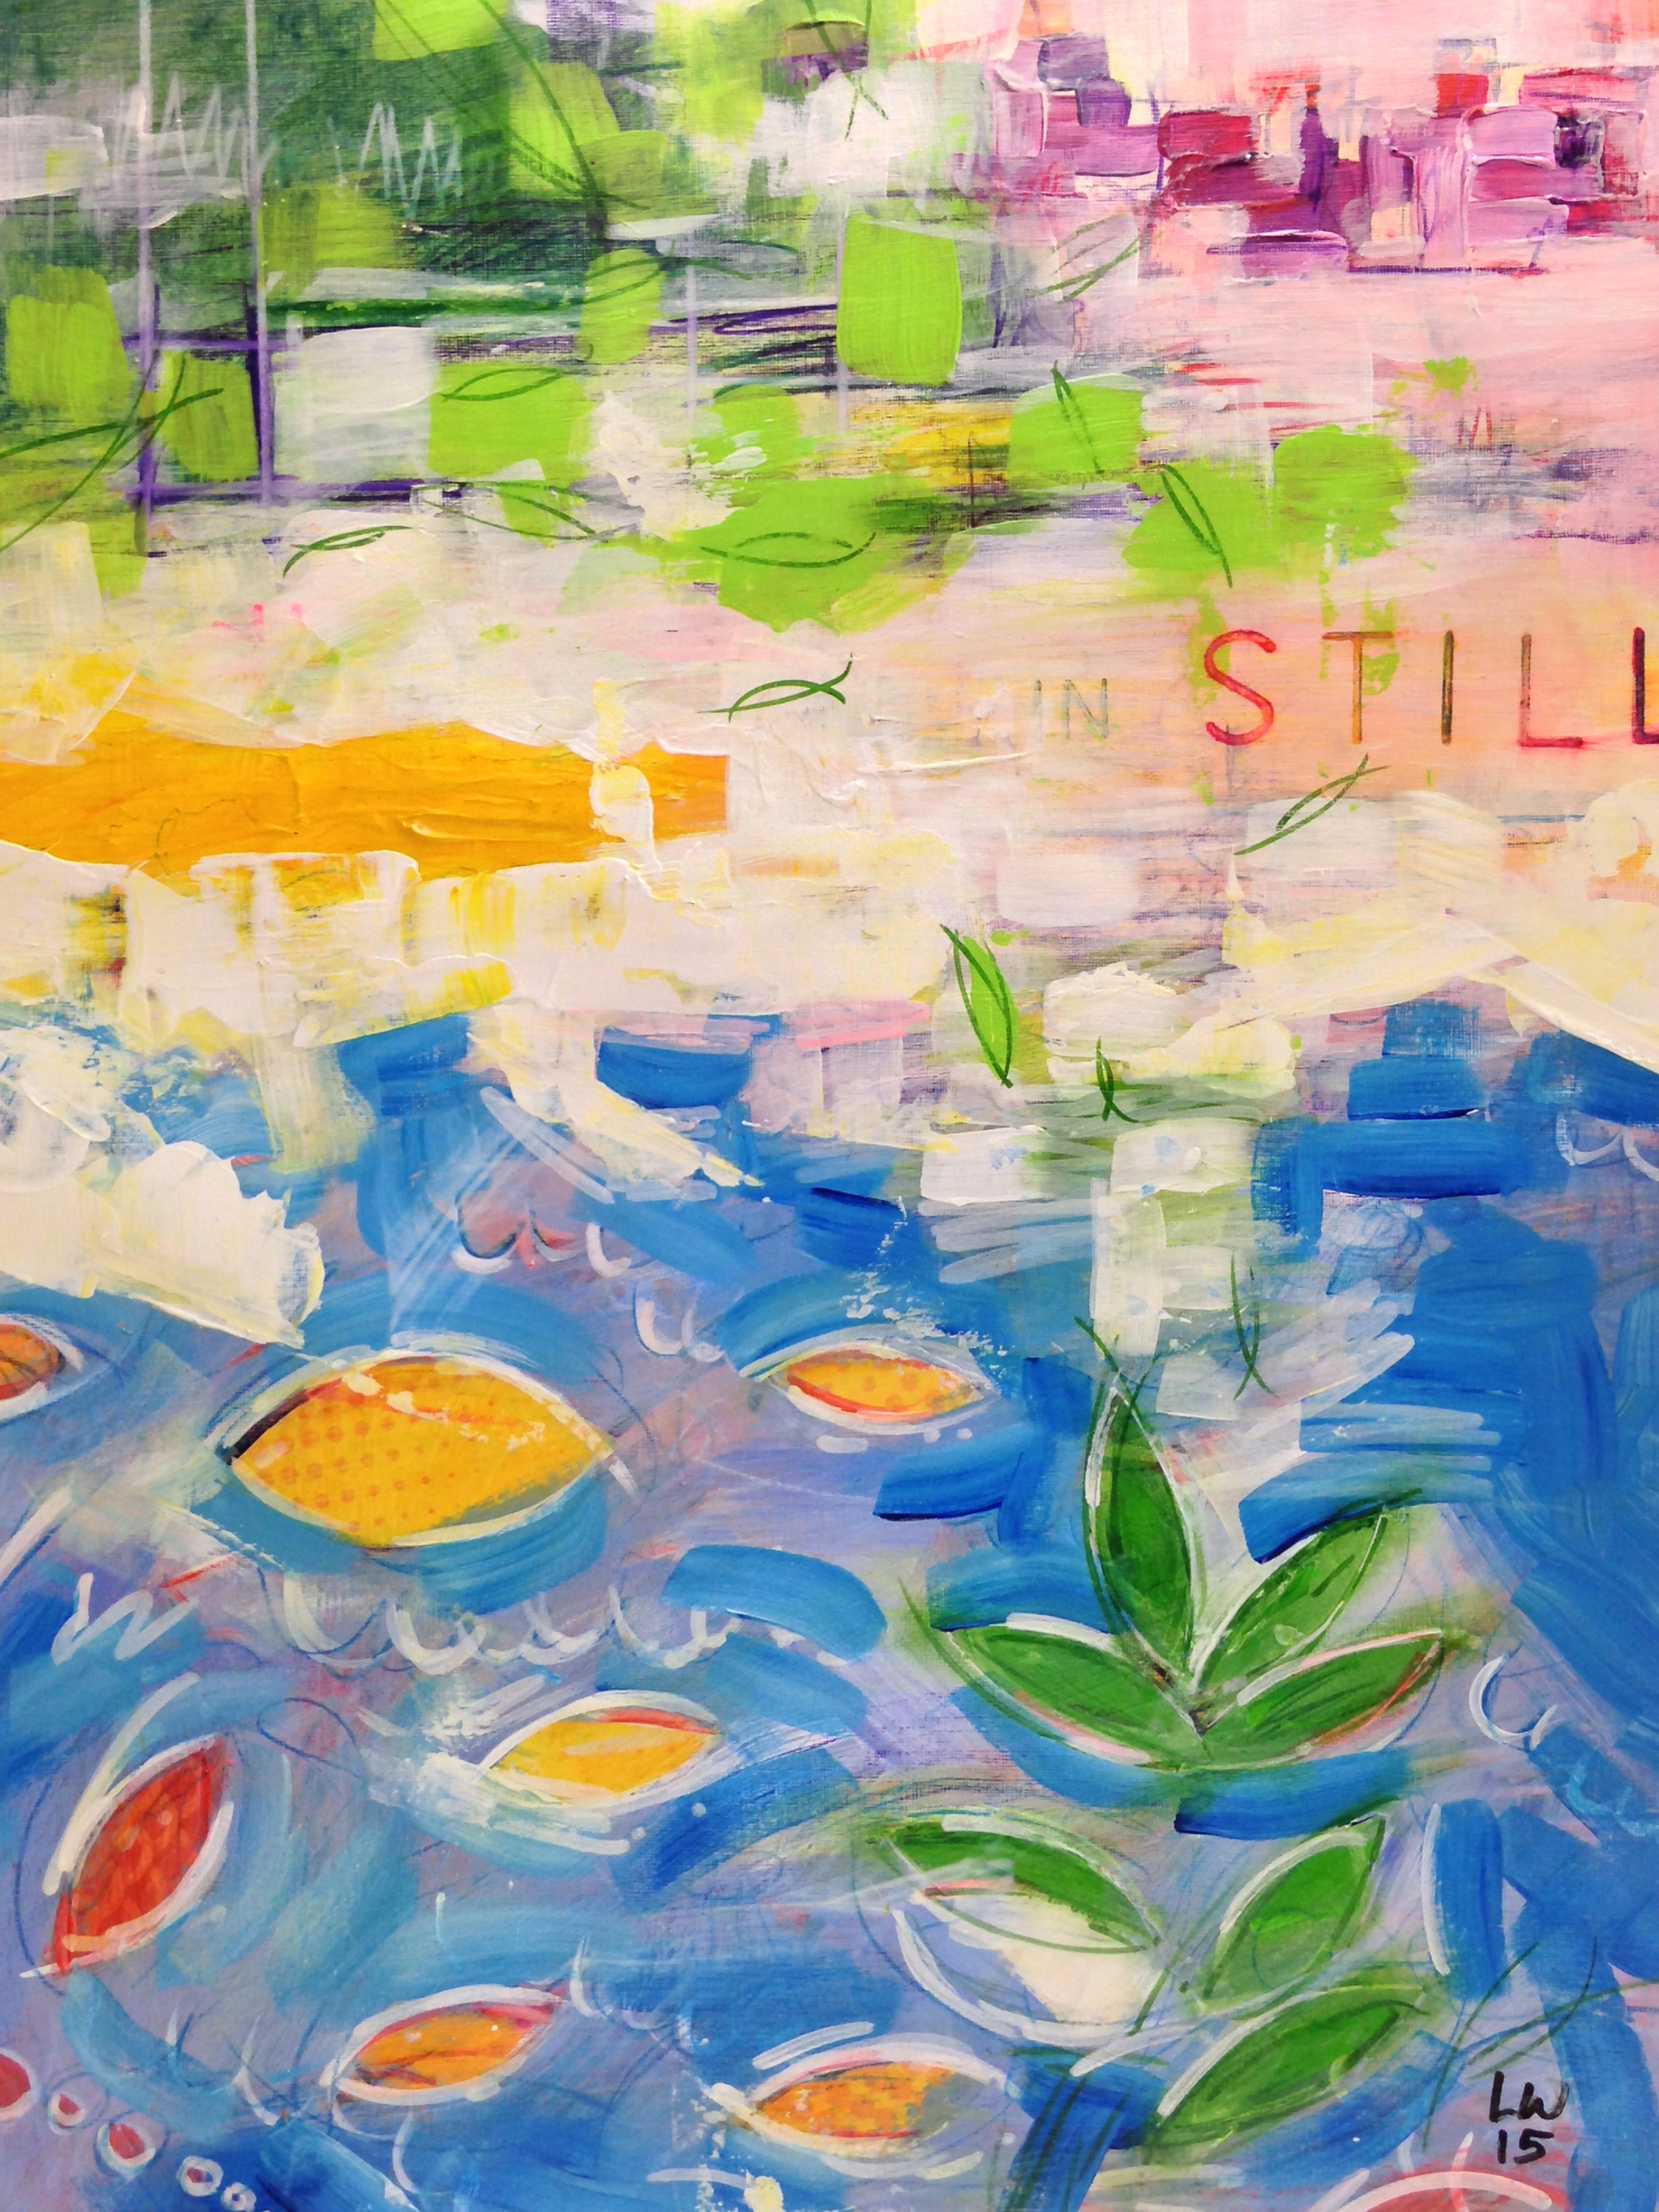 In Still